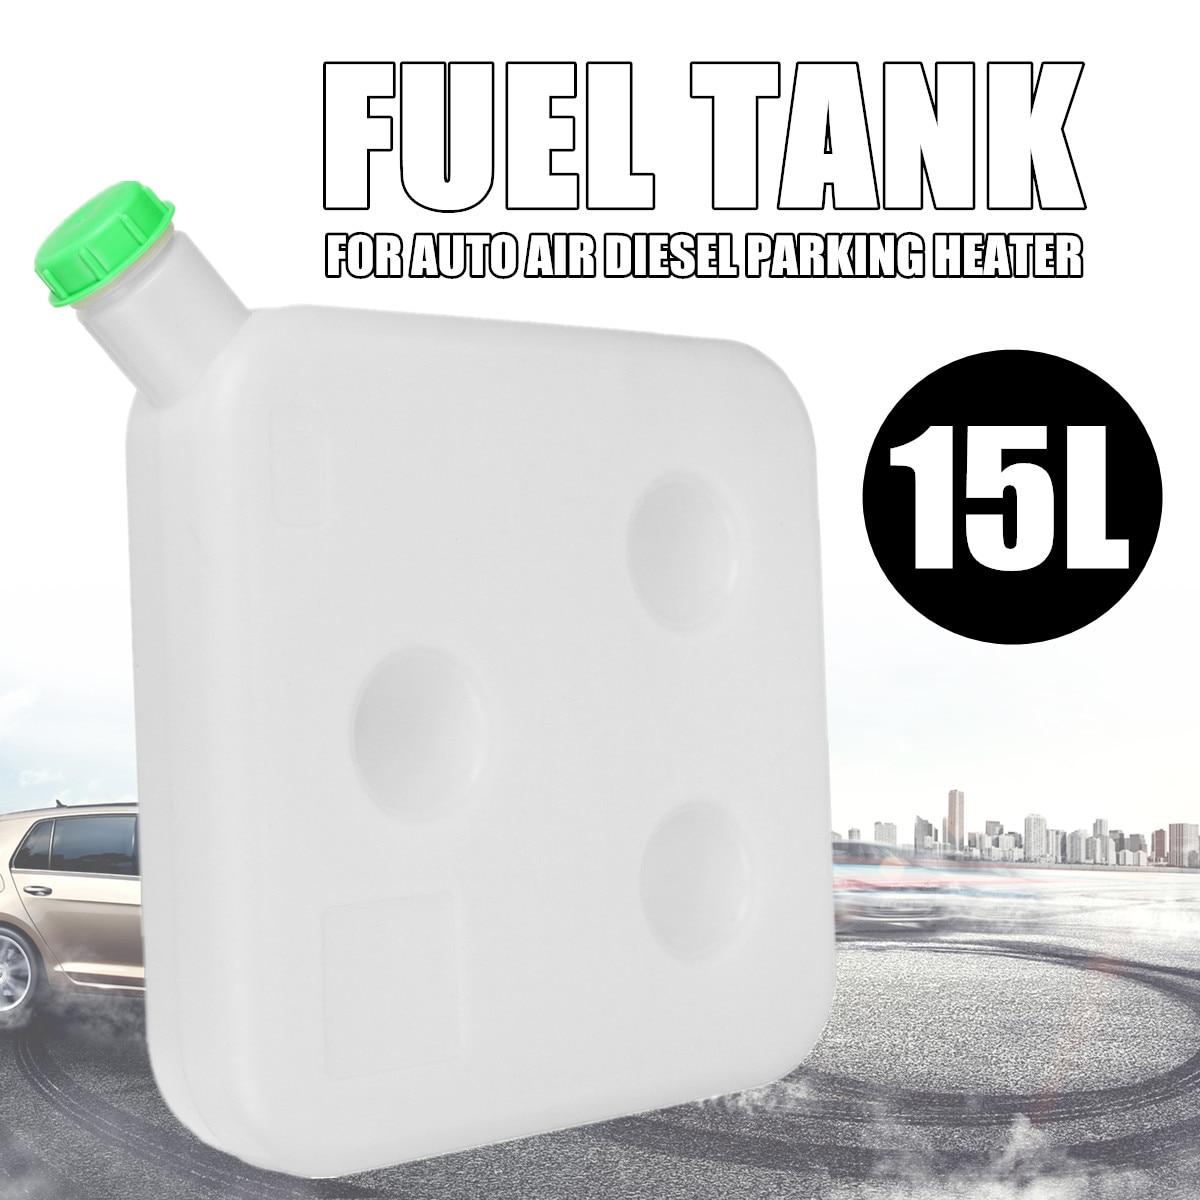 Mazout réservoir d'essence 15L voiture Air Diesel chauffage de stationnement ingénierie plastique pour Auto camion 40x40x9 cm universel alimentation en carburant